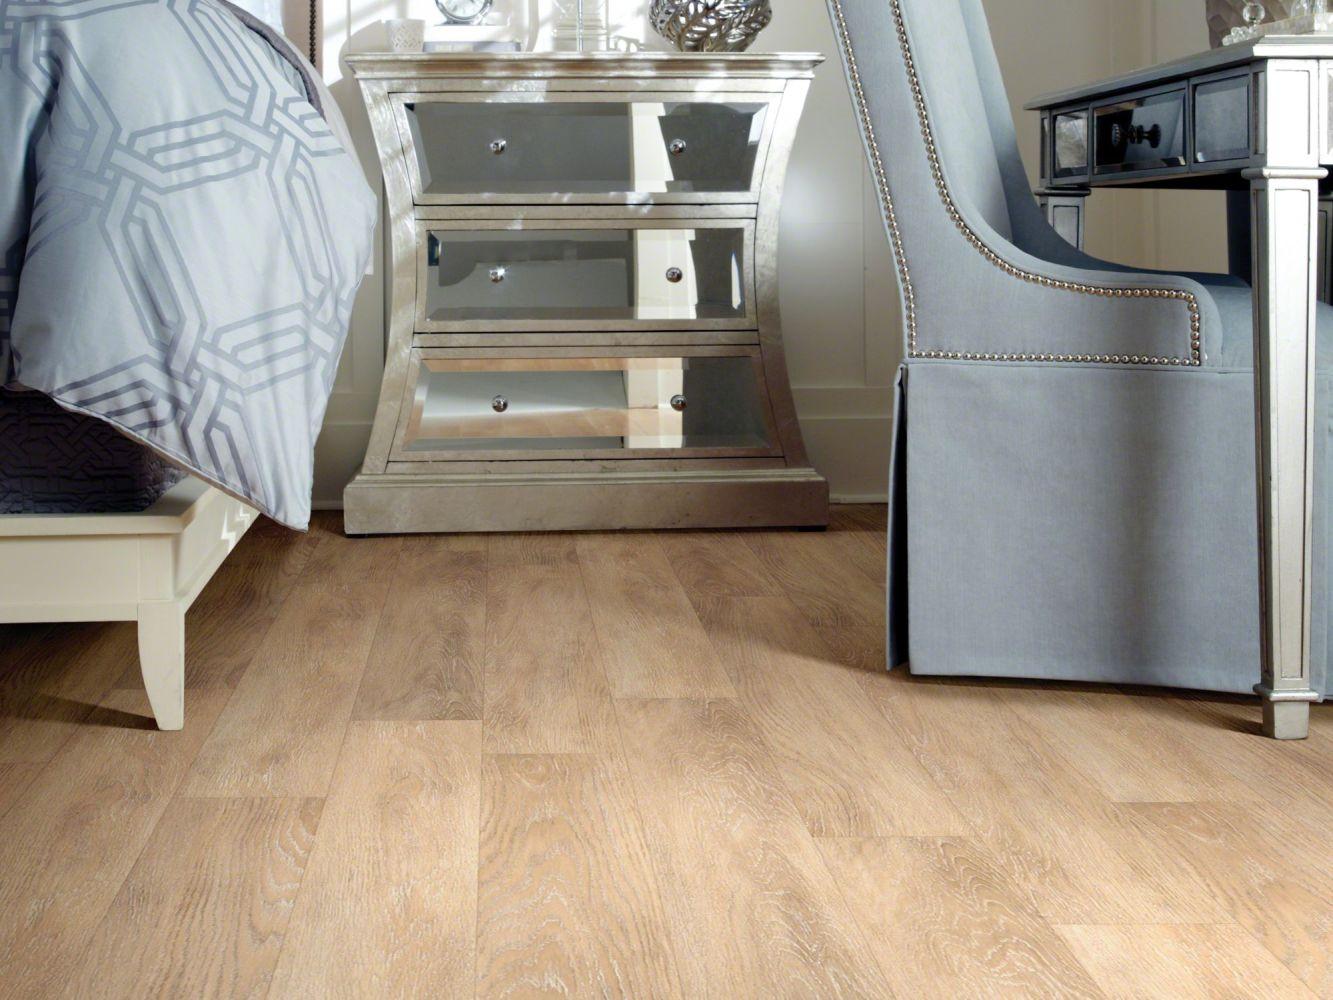 Shaw Floors Nfa HS World Bazar 6 Chelsea 00309_VH510